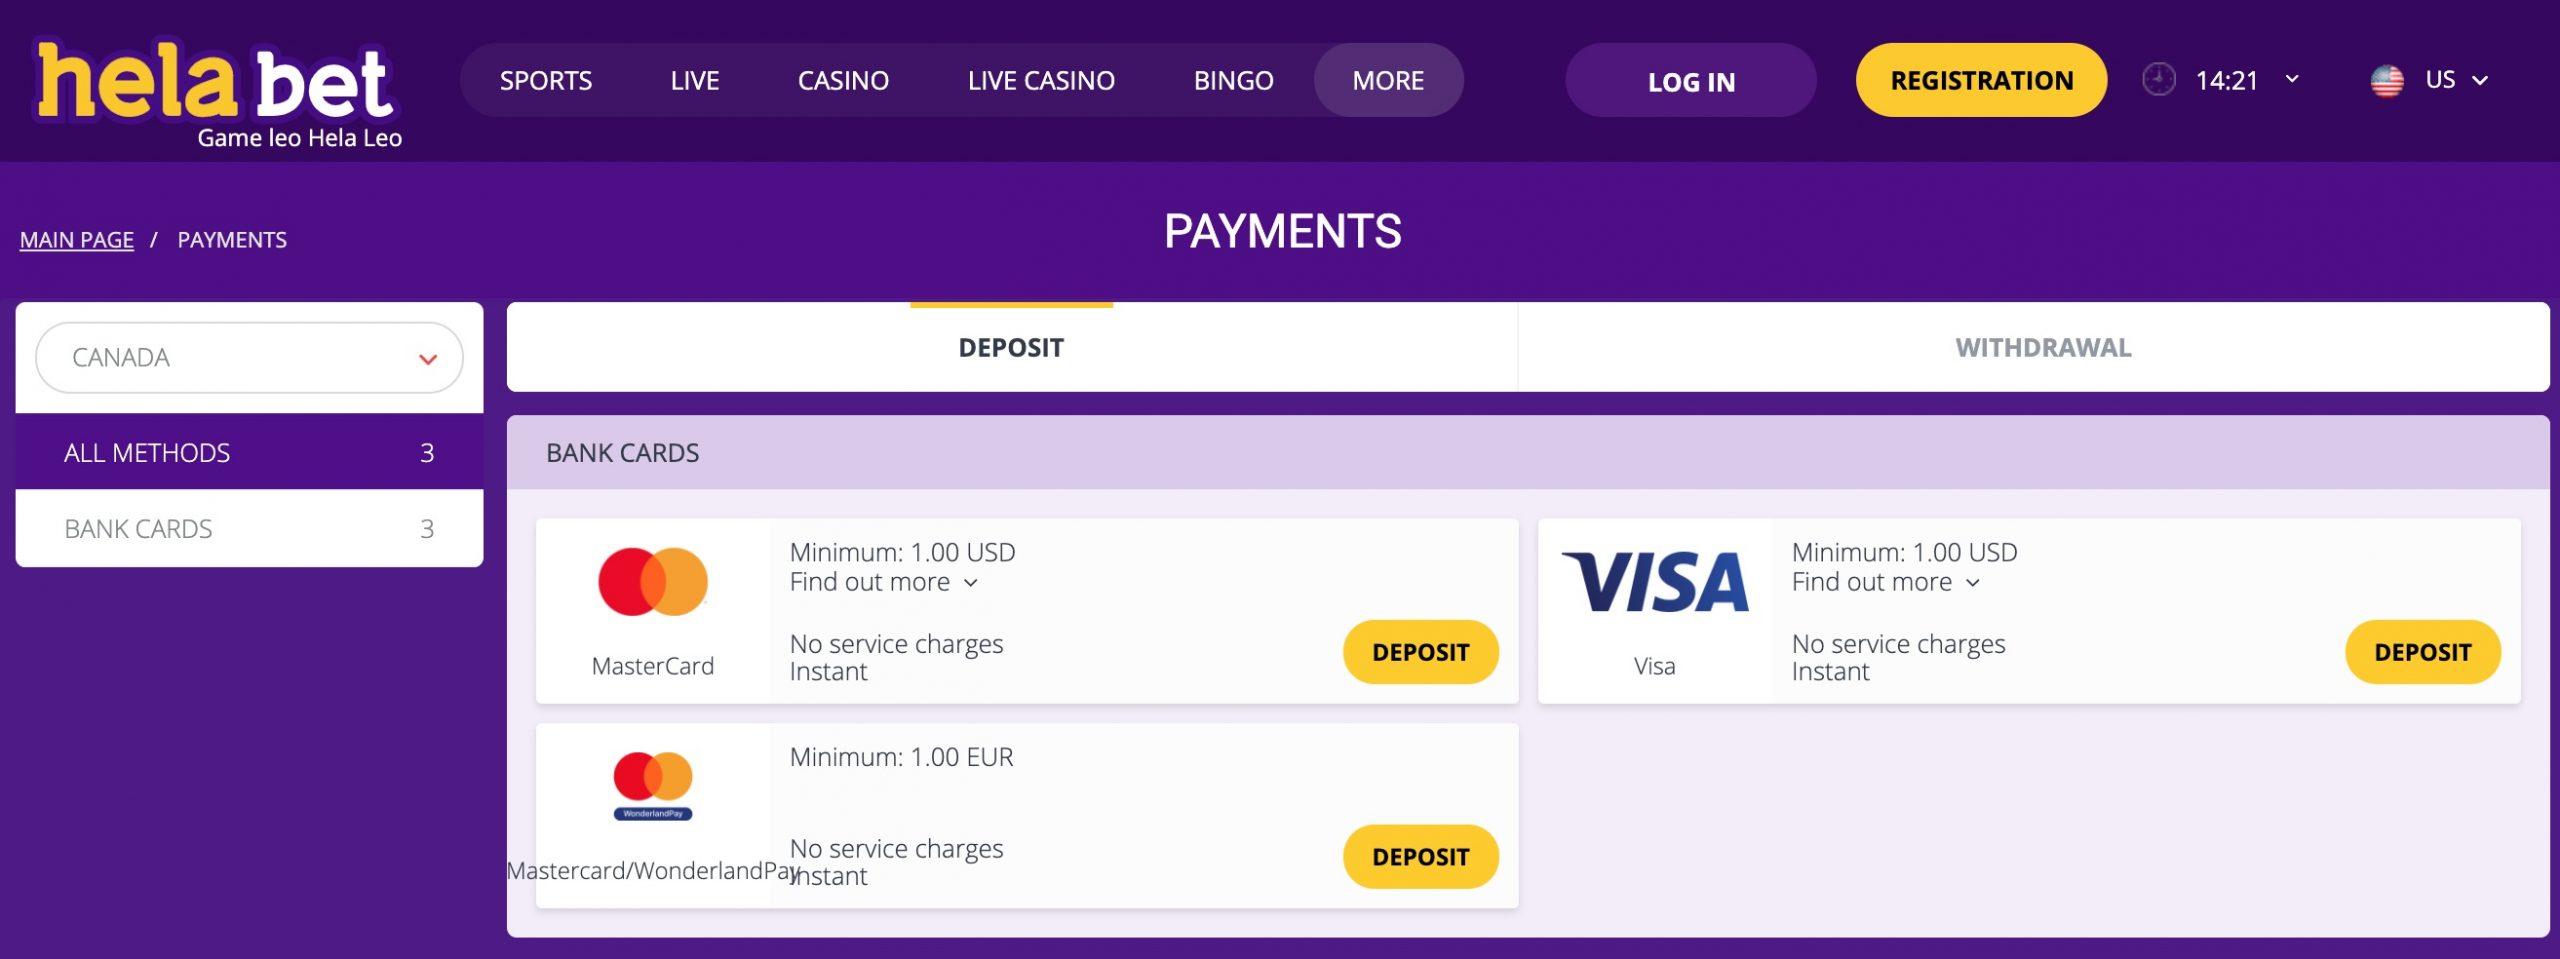 Helabet payments deposit